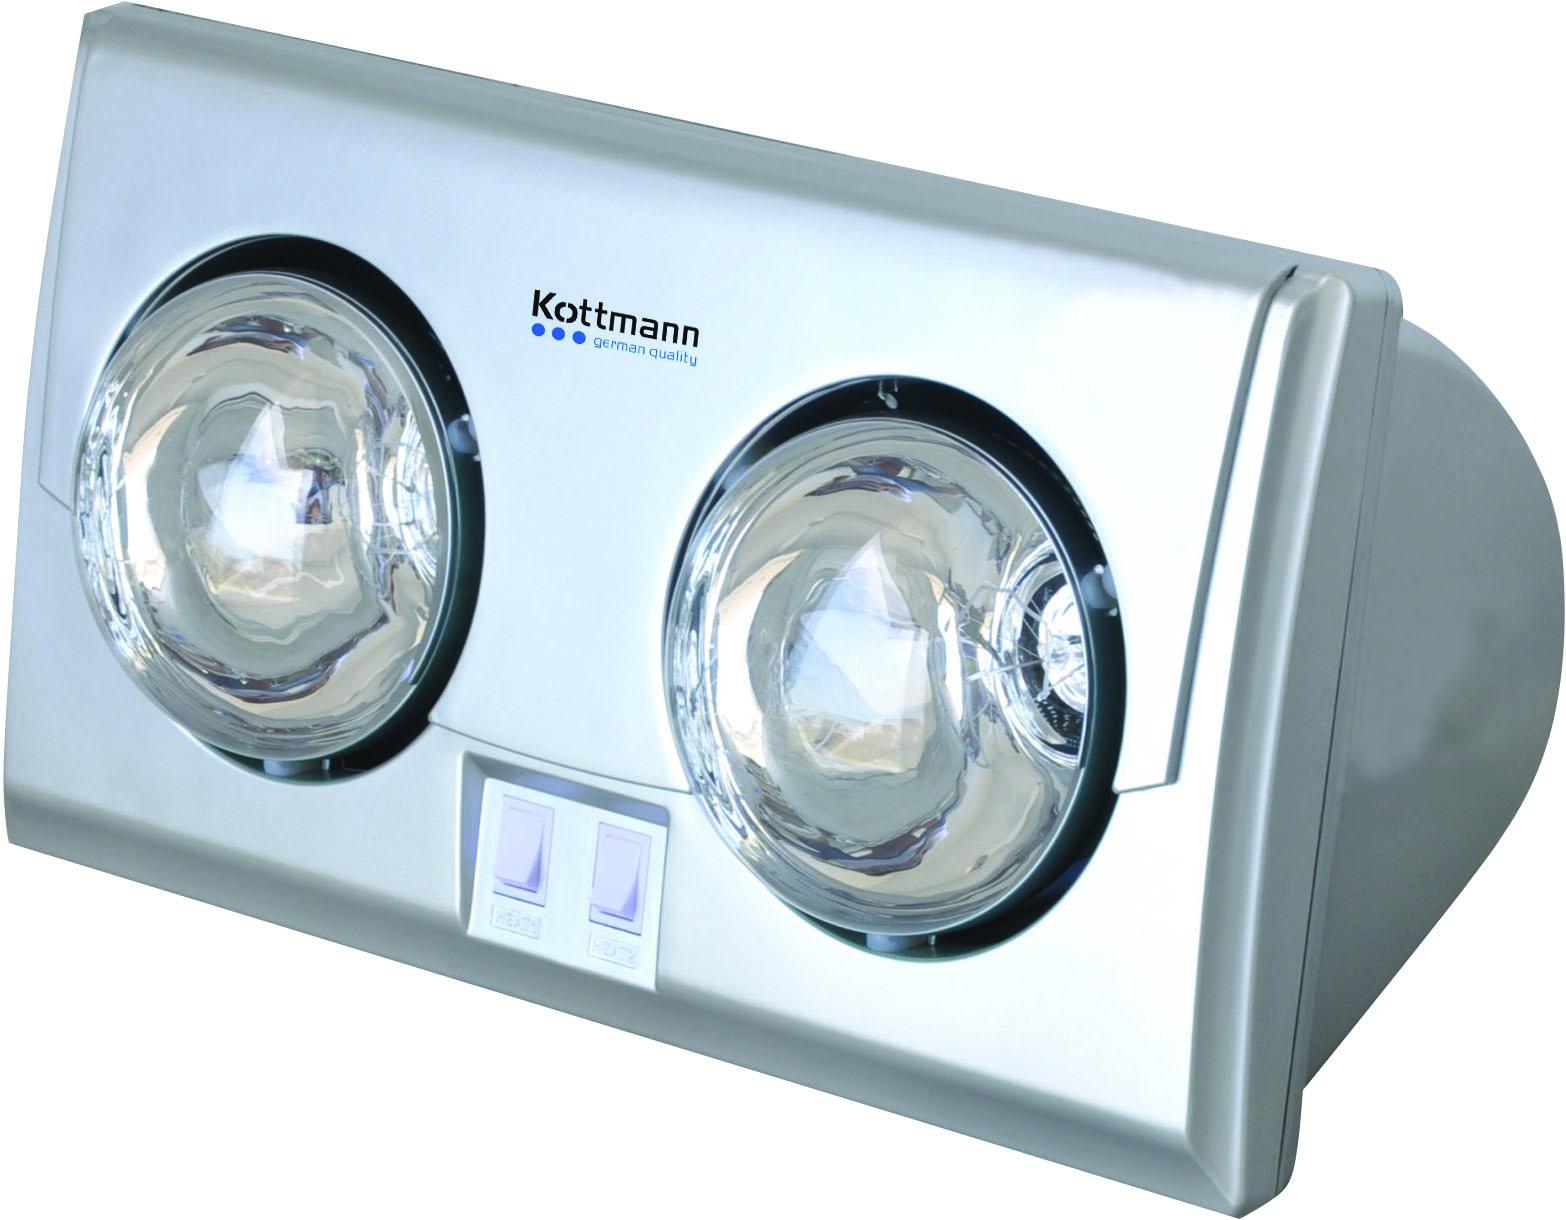 Đèn sưởi nhà tắm 2 bóng Kootman- dòng bạc (K2B-S)